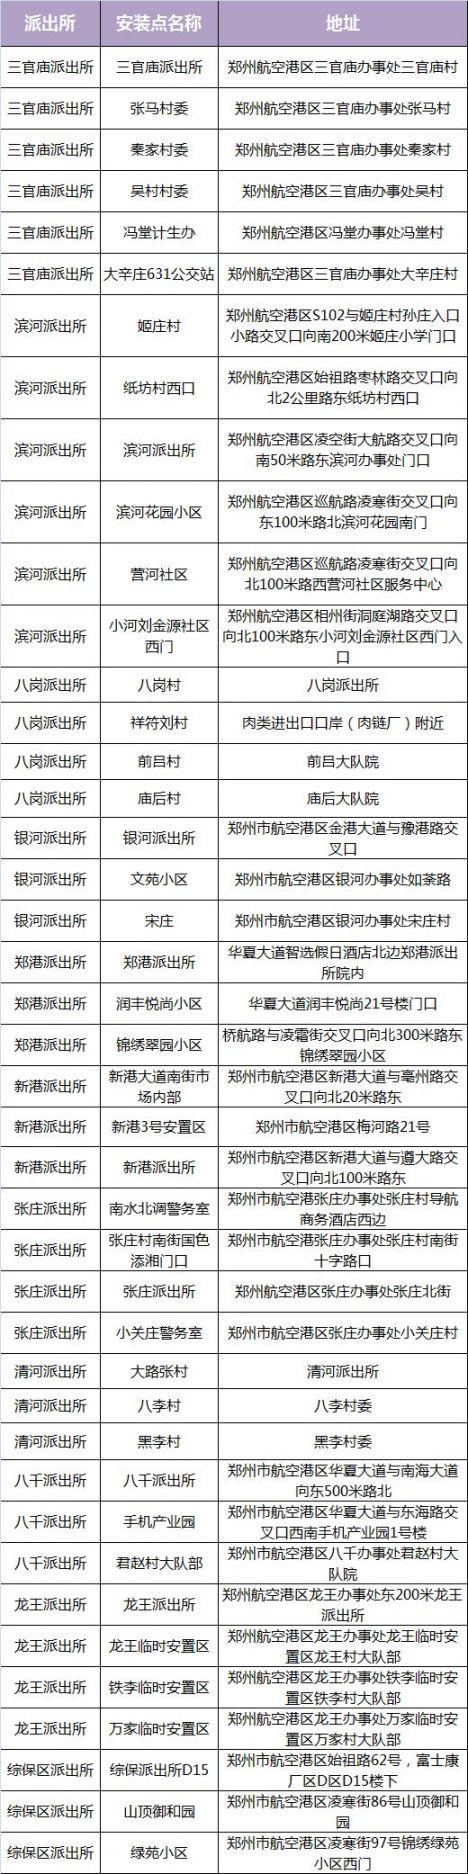 2018郑州航空港区电动车上牌指南(时间 材料 地点)